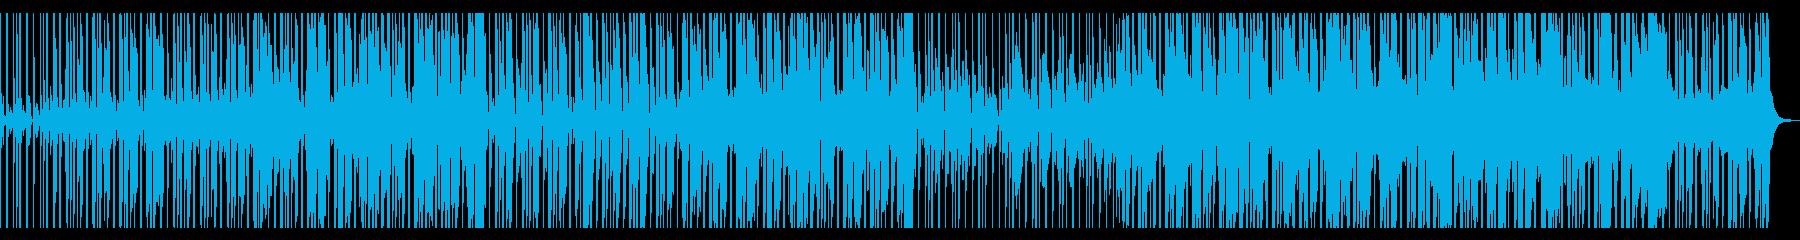 【短いVer1】スローファンクロック の再生済みの波形